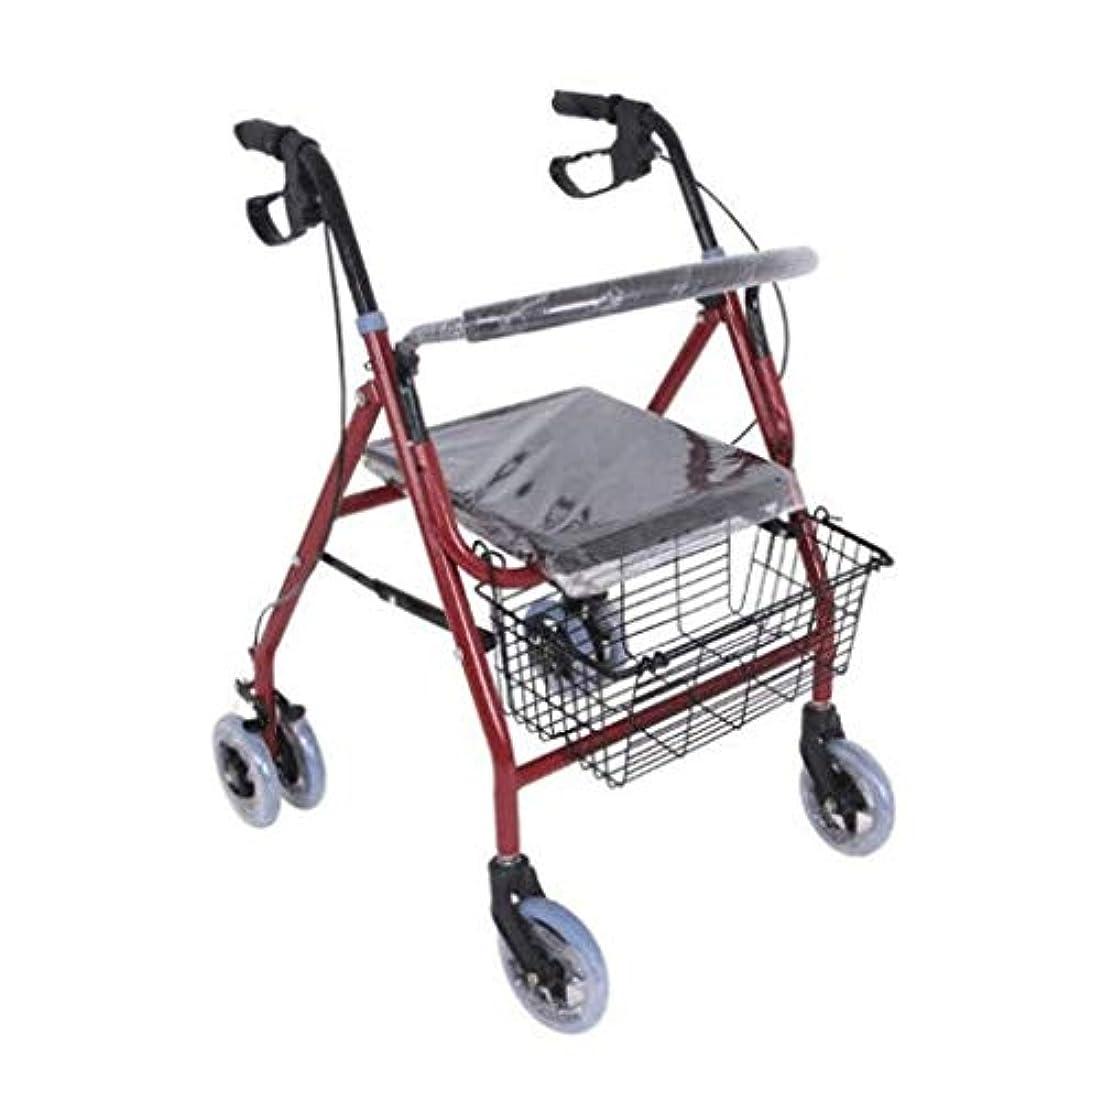 デコードする洗剤ブリード高齢者手押しショッピングカート、アルミウォーカー、滑り止めウォーカー4本足杖屋外バスルーム使用不可